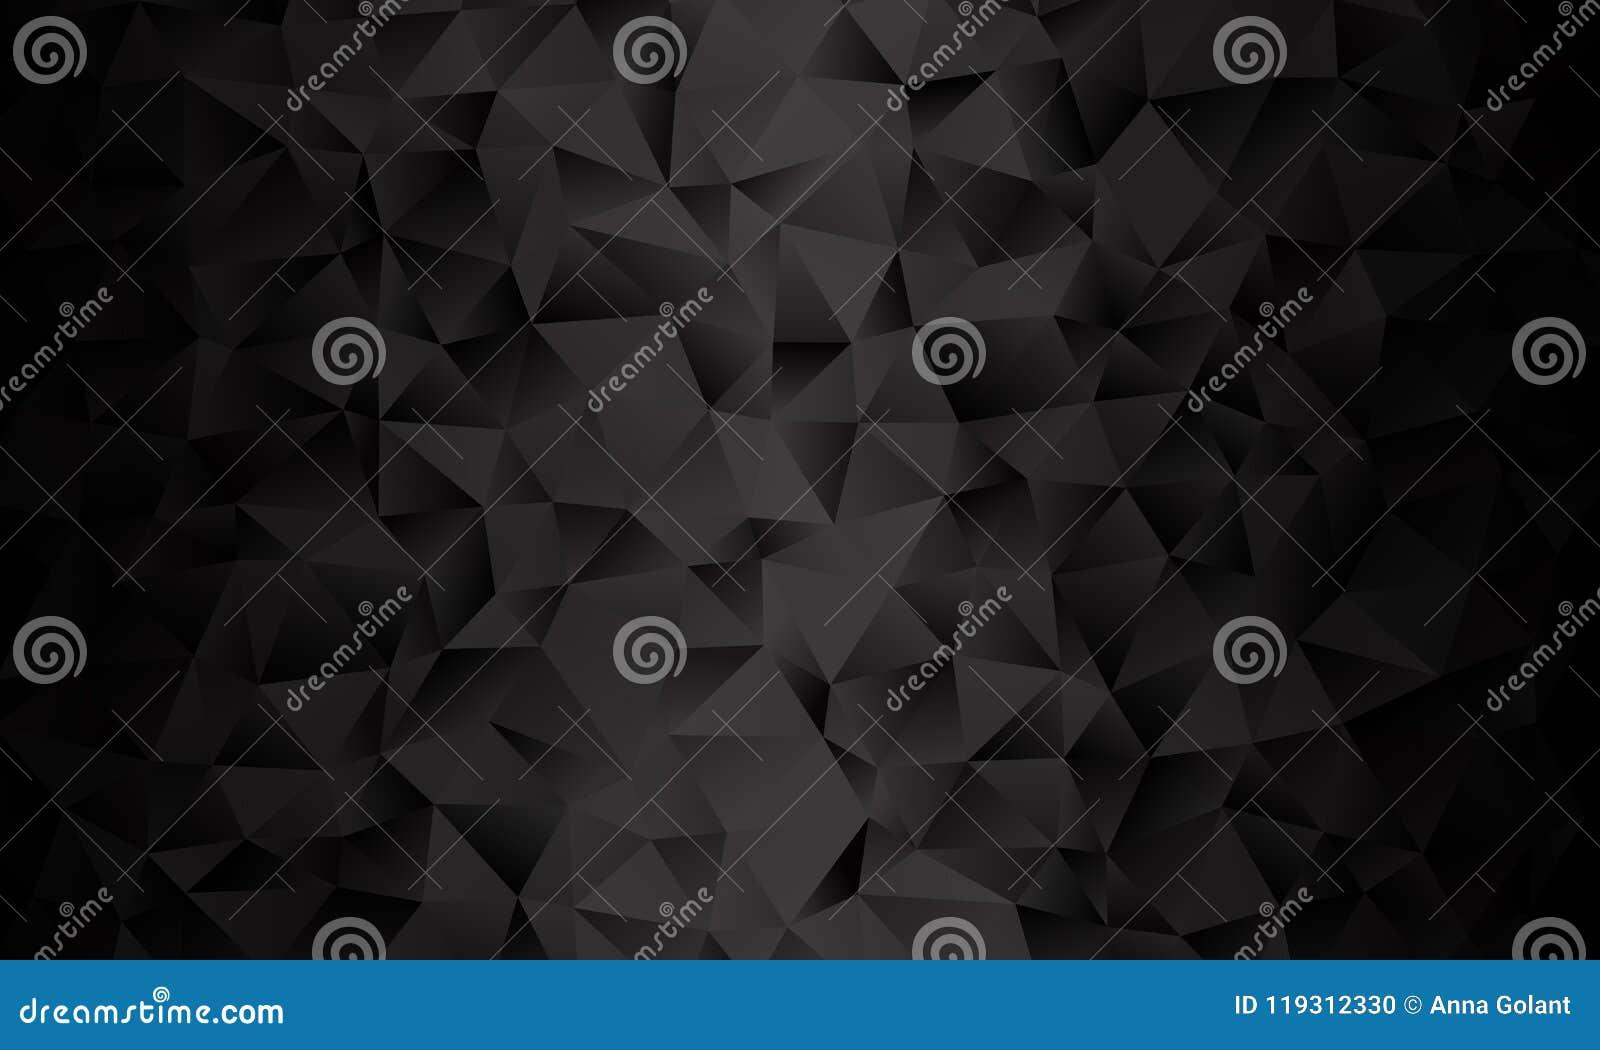 Fondo negro del polígono Imitación del vector del ejemplo 3D Modelo con los triángulos de diversa escala